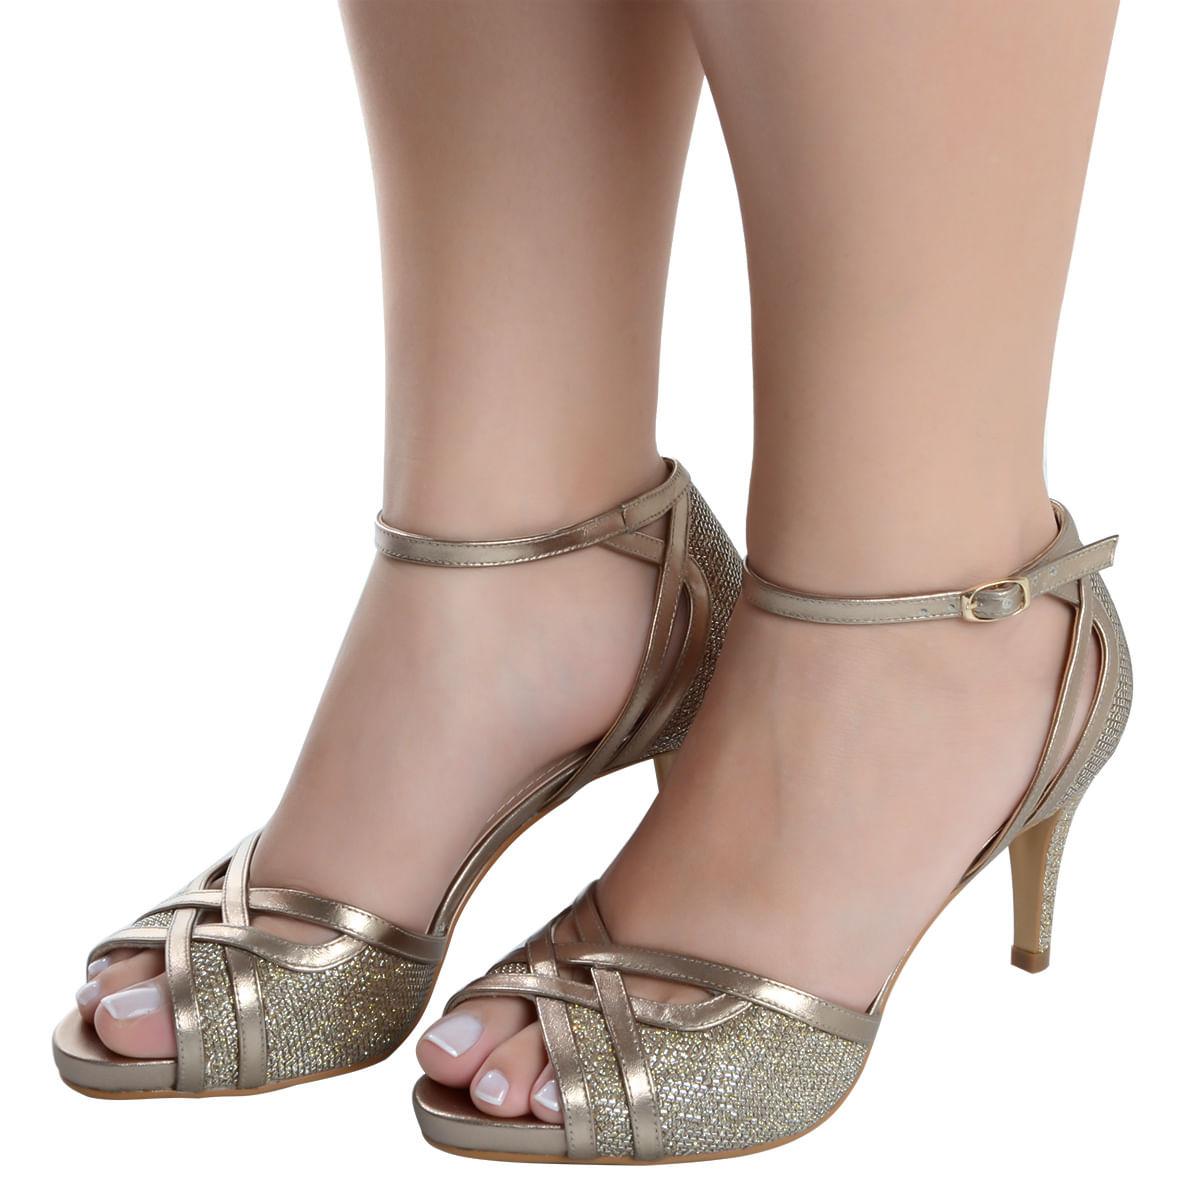 d0cee47da Sandalia Alta Glitter Prata Velho - Laura Prado